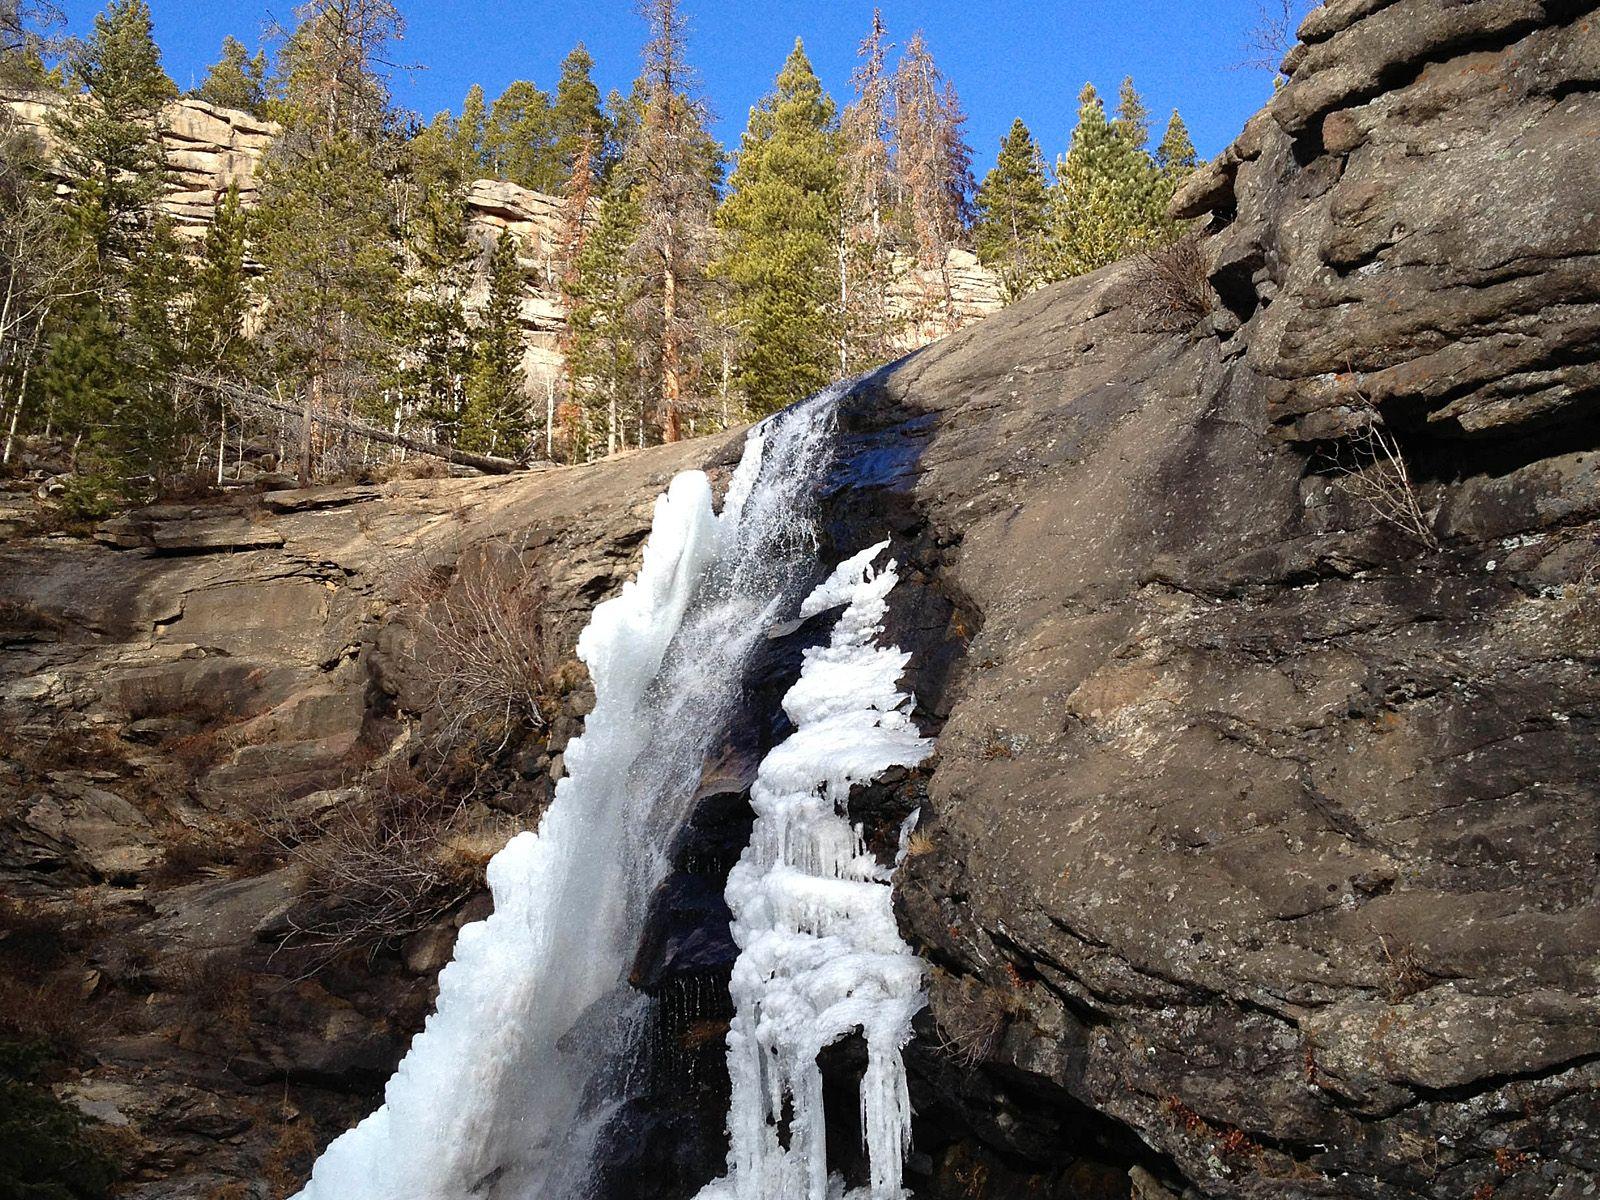 Водопад Брайдлвейл весной